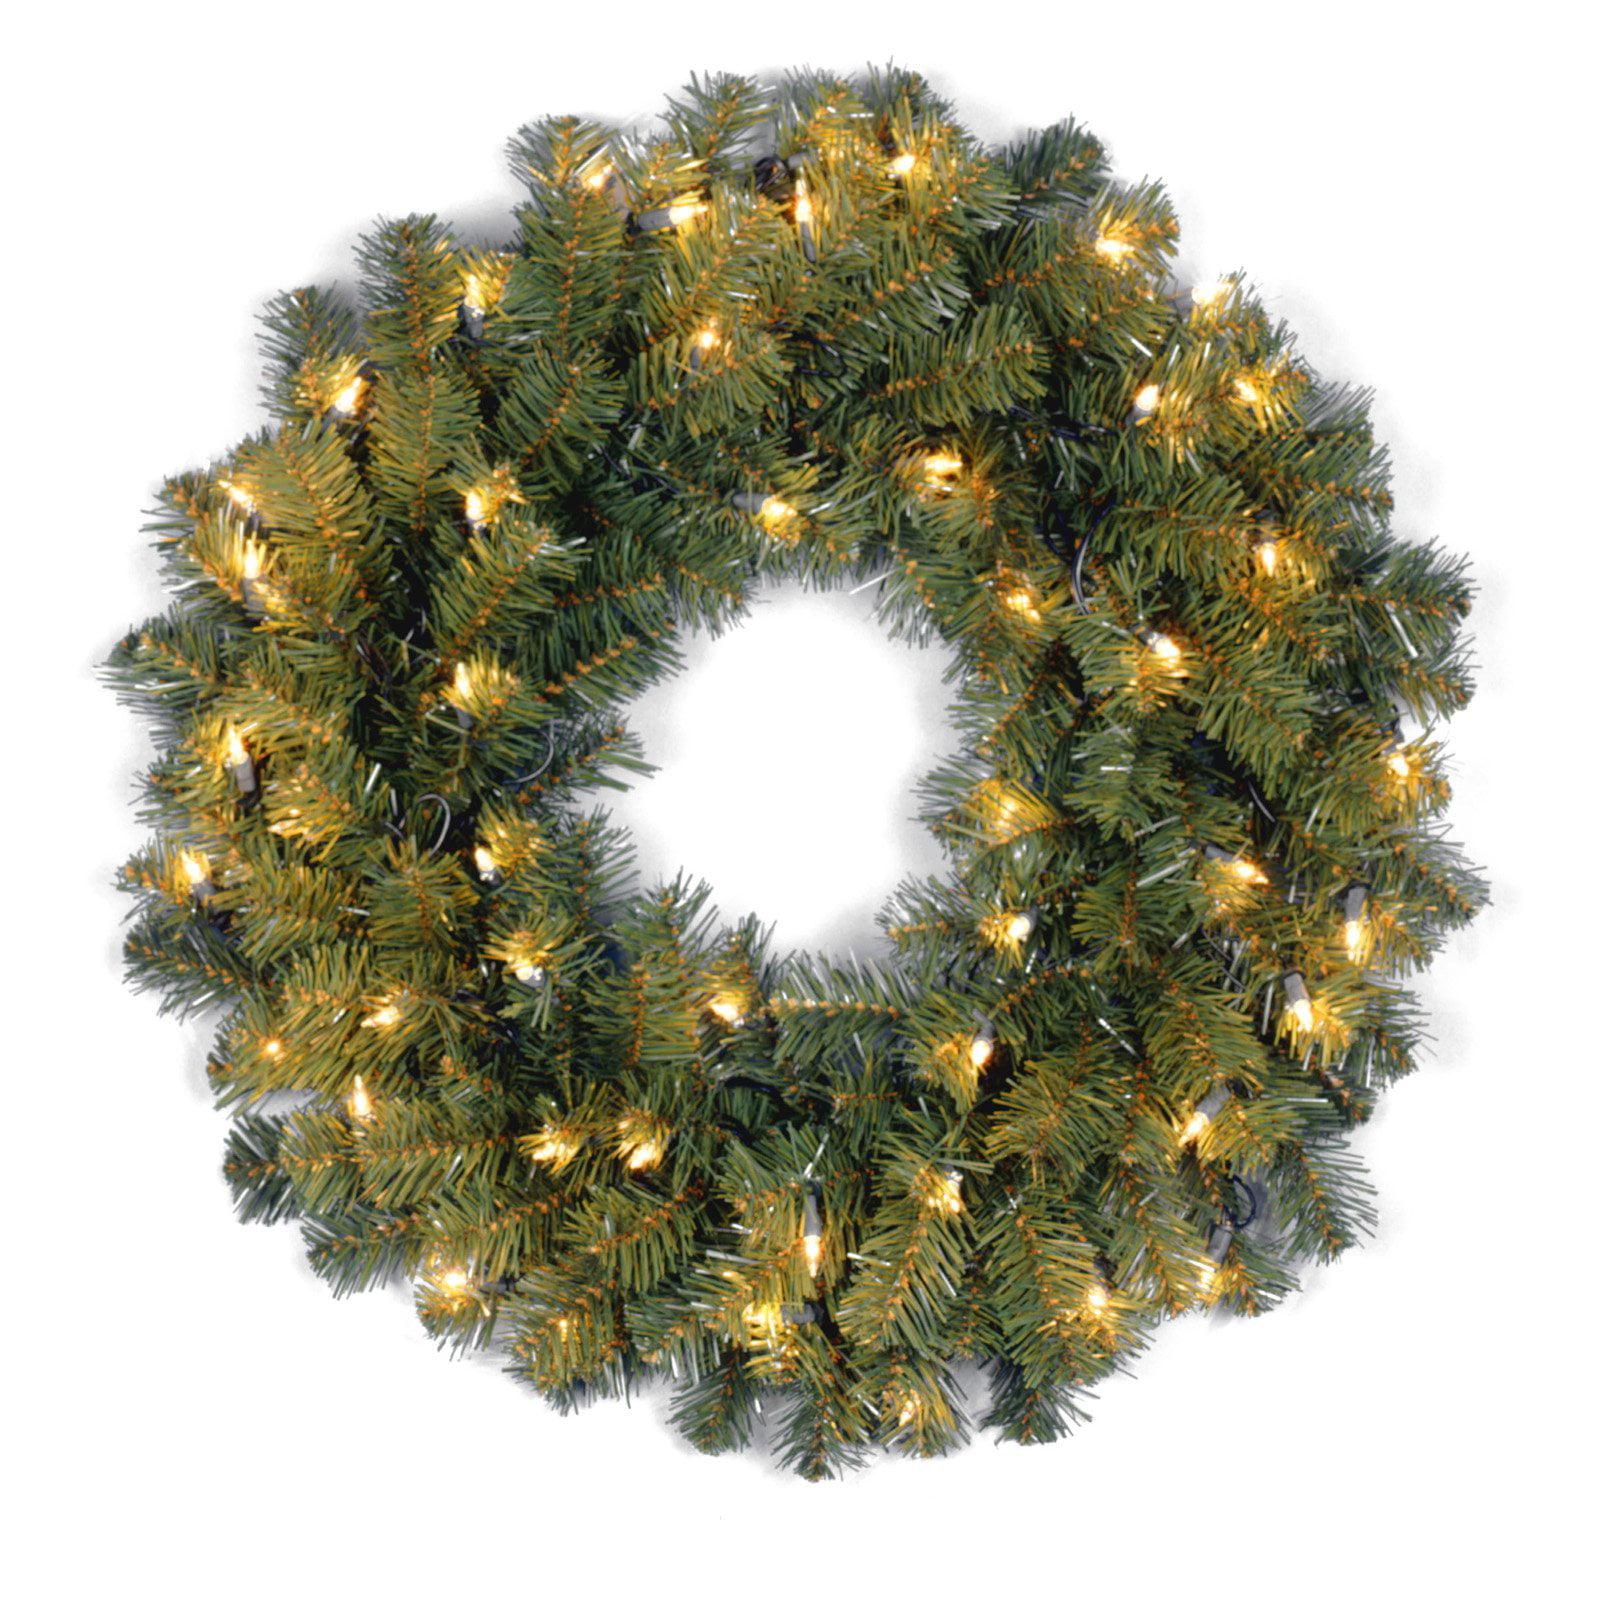 24 in. Kincaid Spruce Pre-Lit Christmas Wreath - Clear